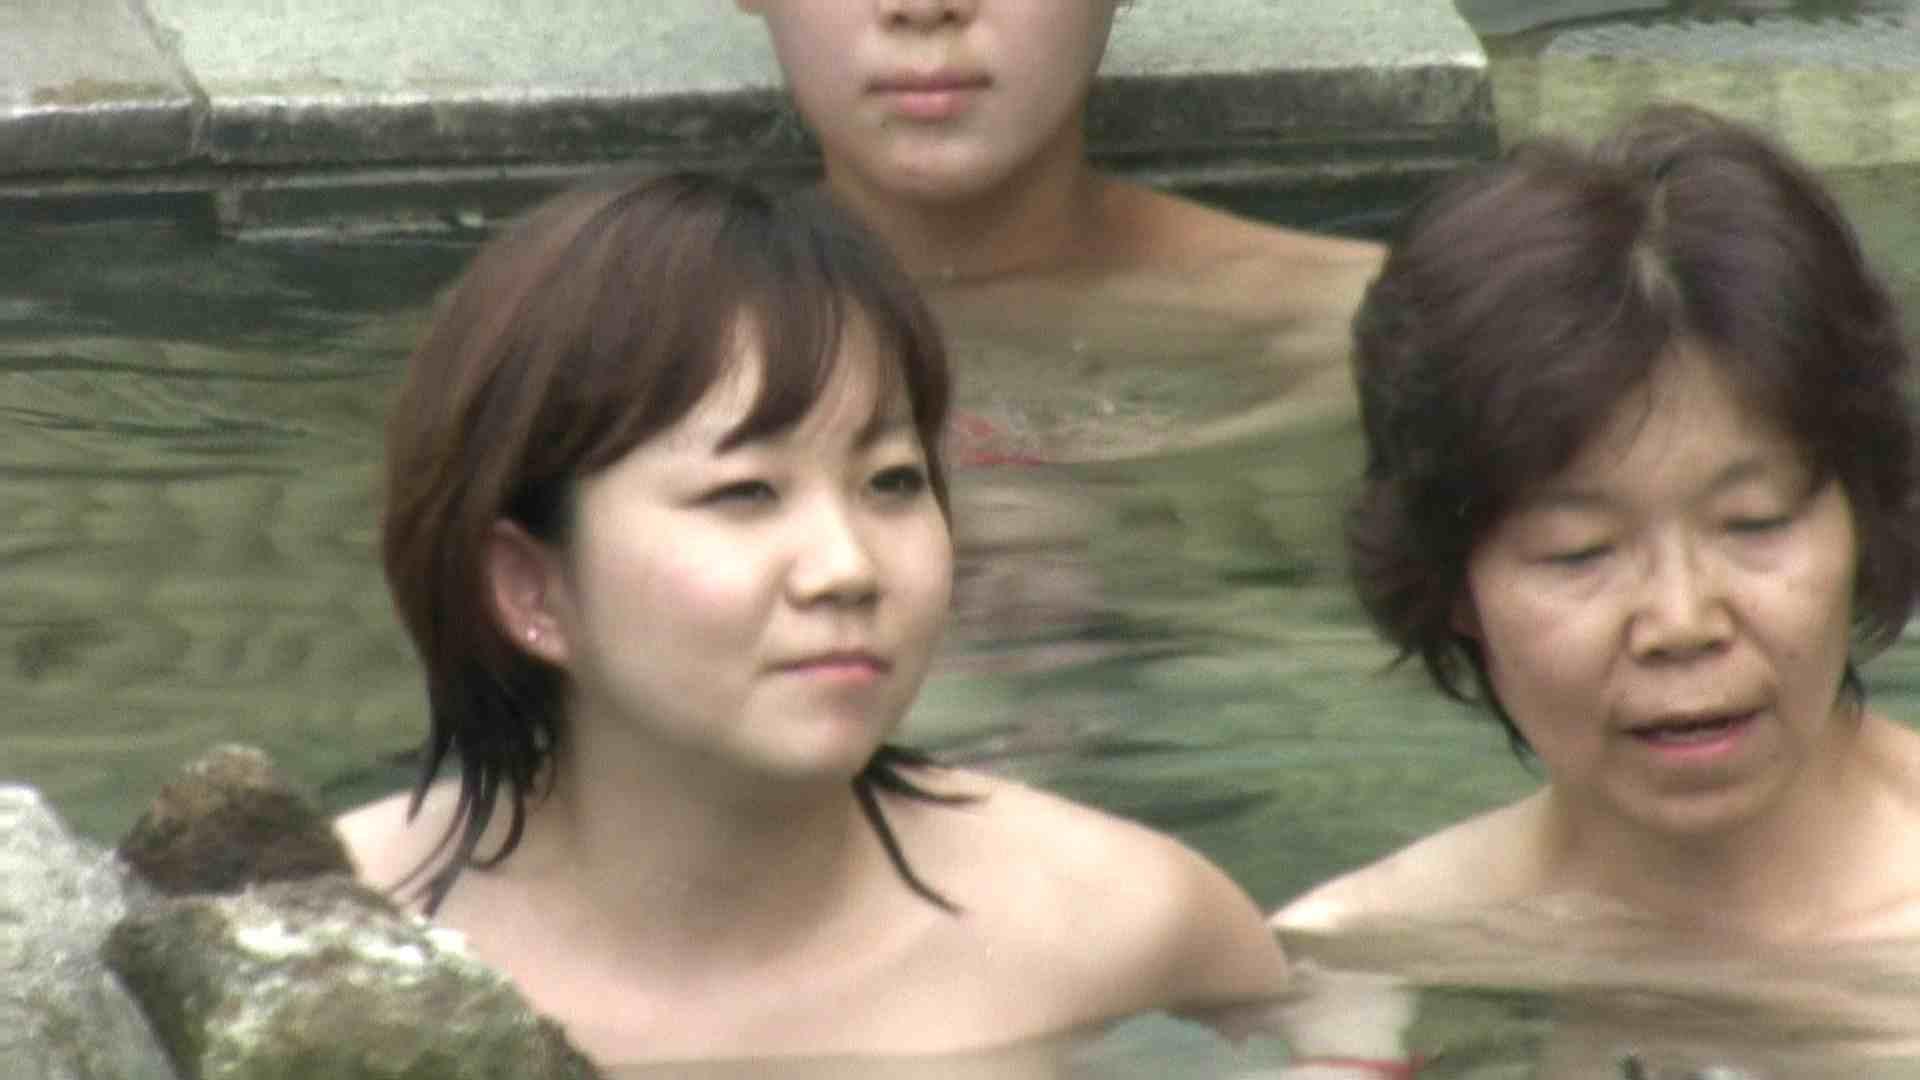 Aquaな露天風呂Vol.664 盗撮 | OLすけべ画像  70連発 31